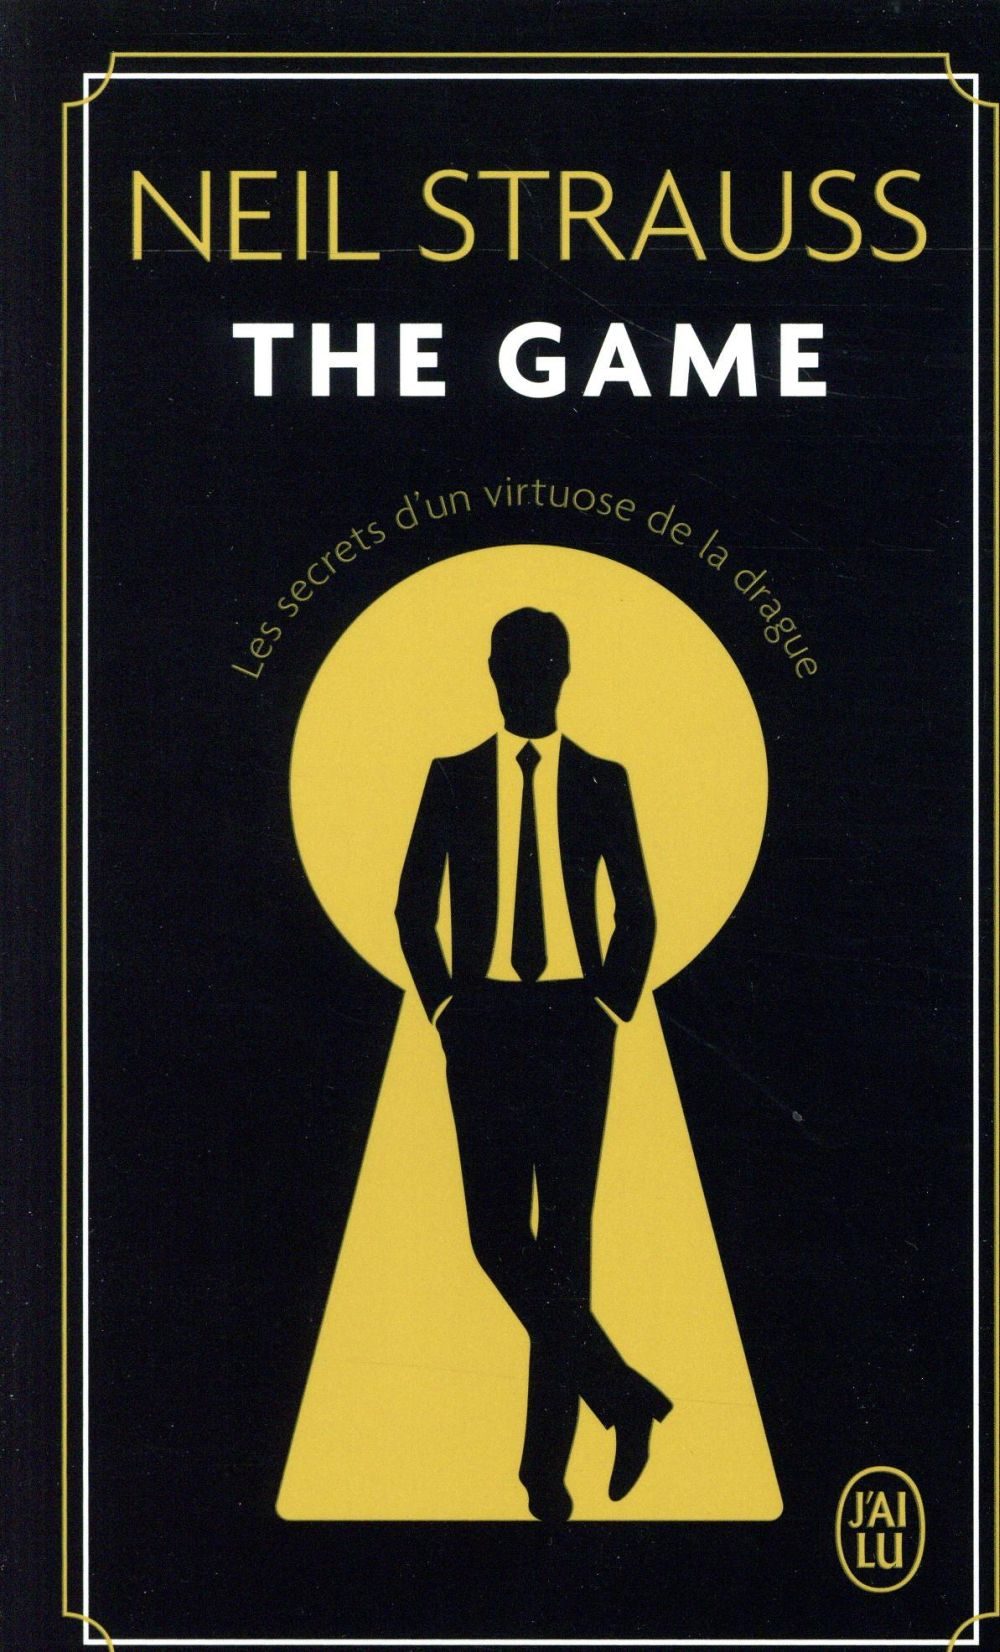 The game - les secrets d'un virtuose de la drague